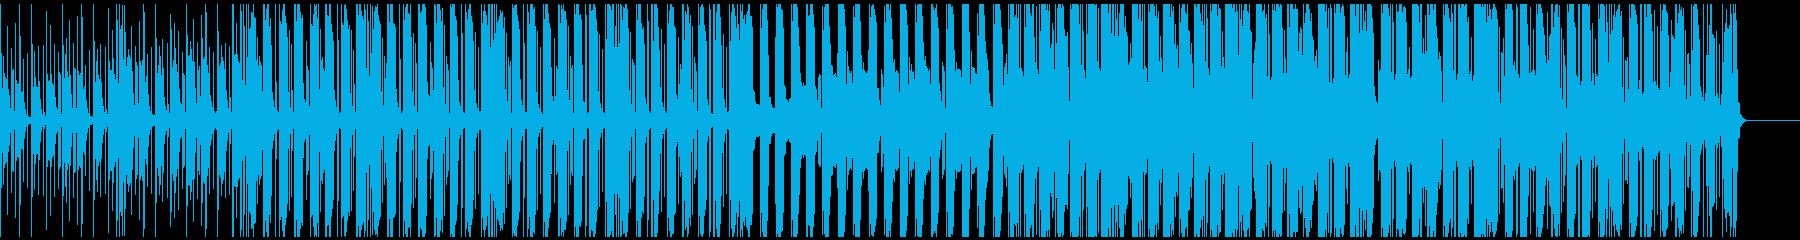 独特な雰囲気のトラップ(インスト)の再生済みの波形